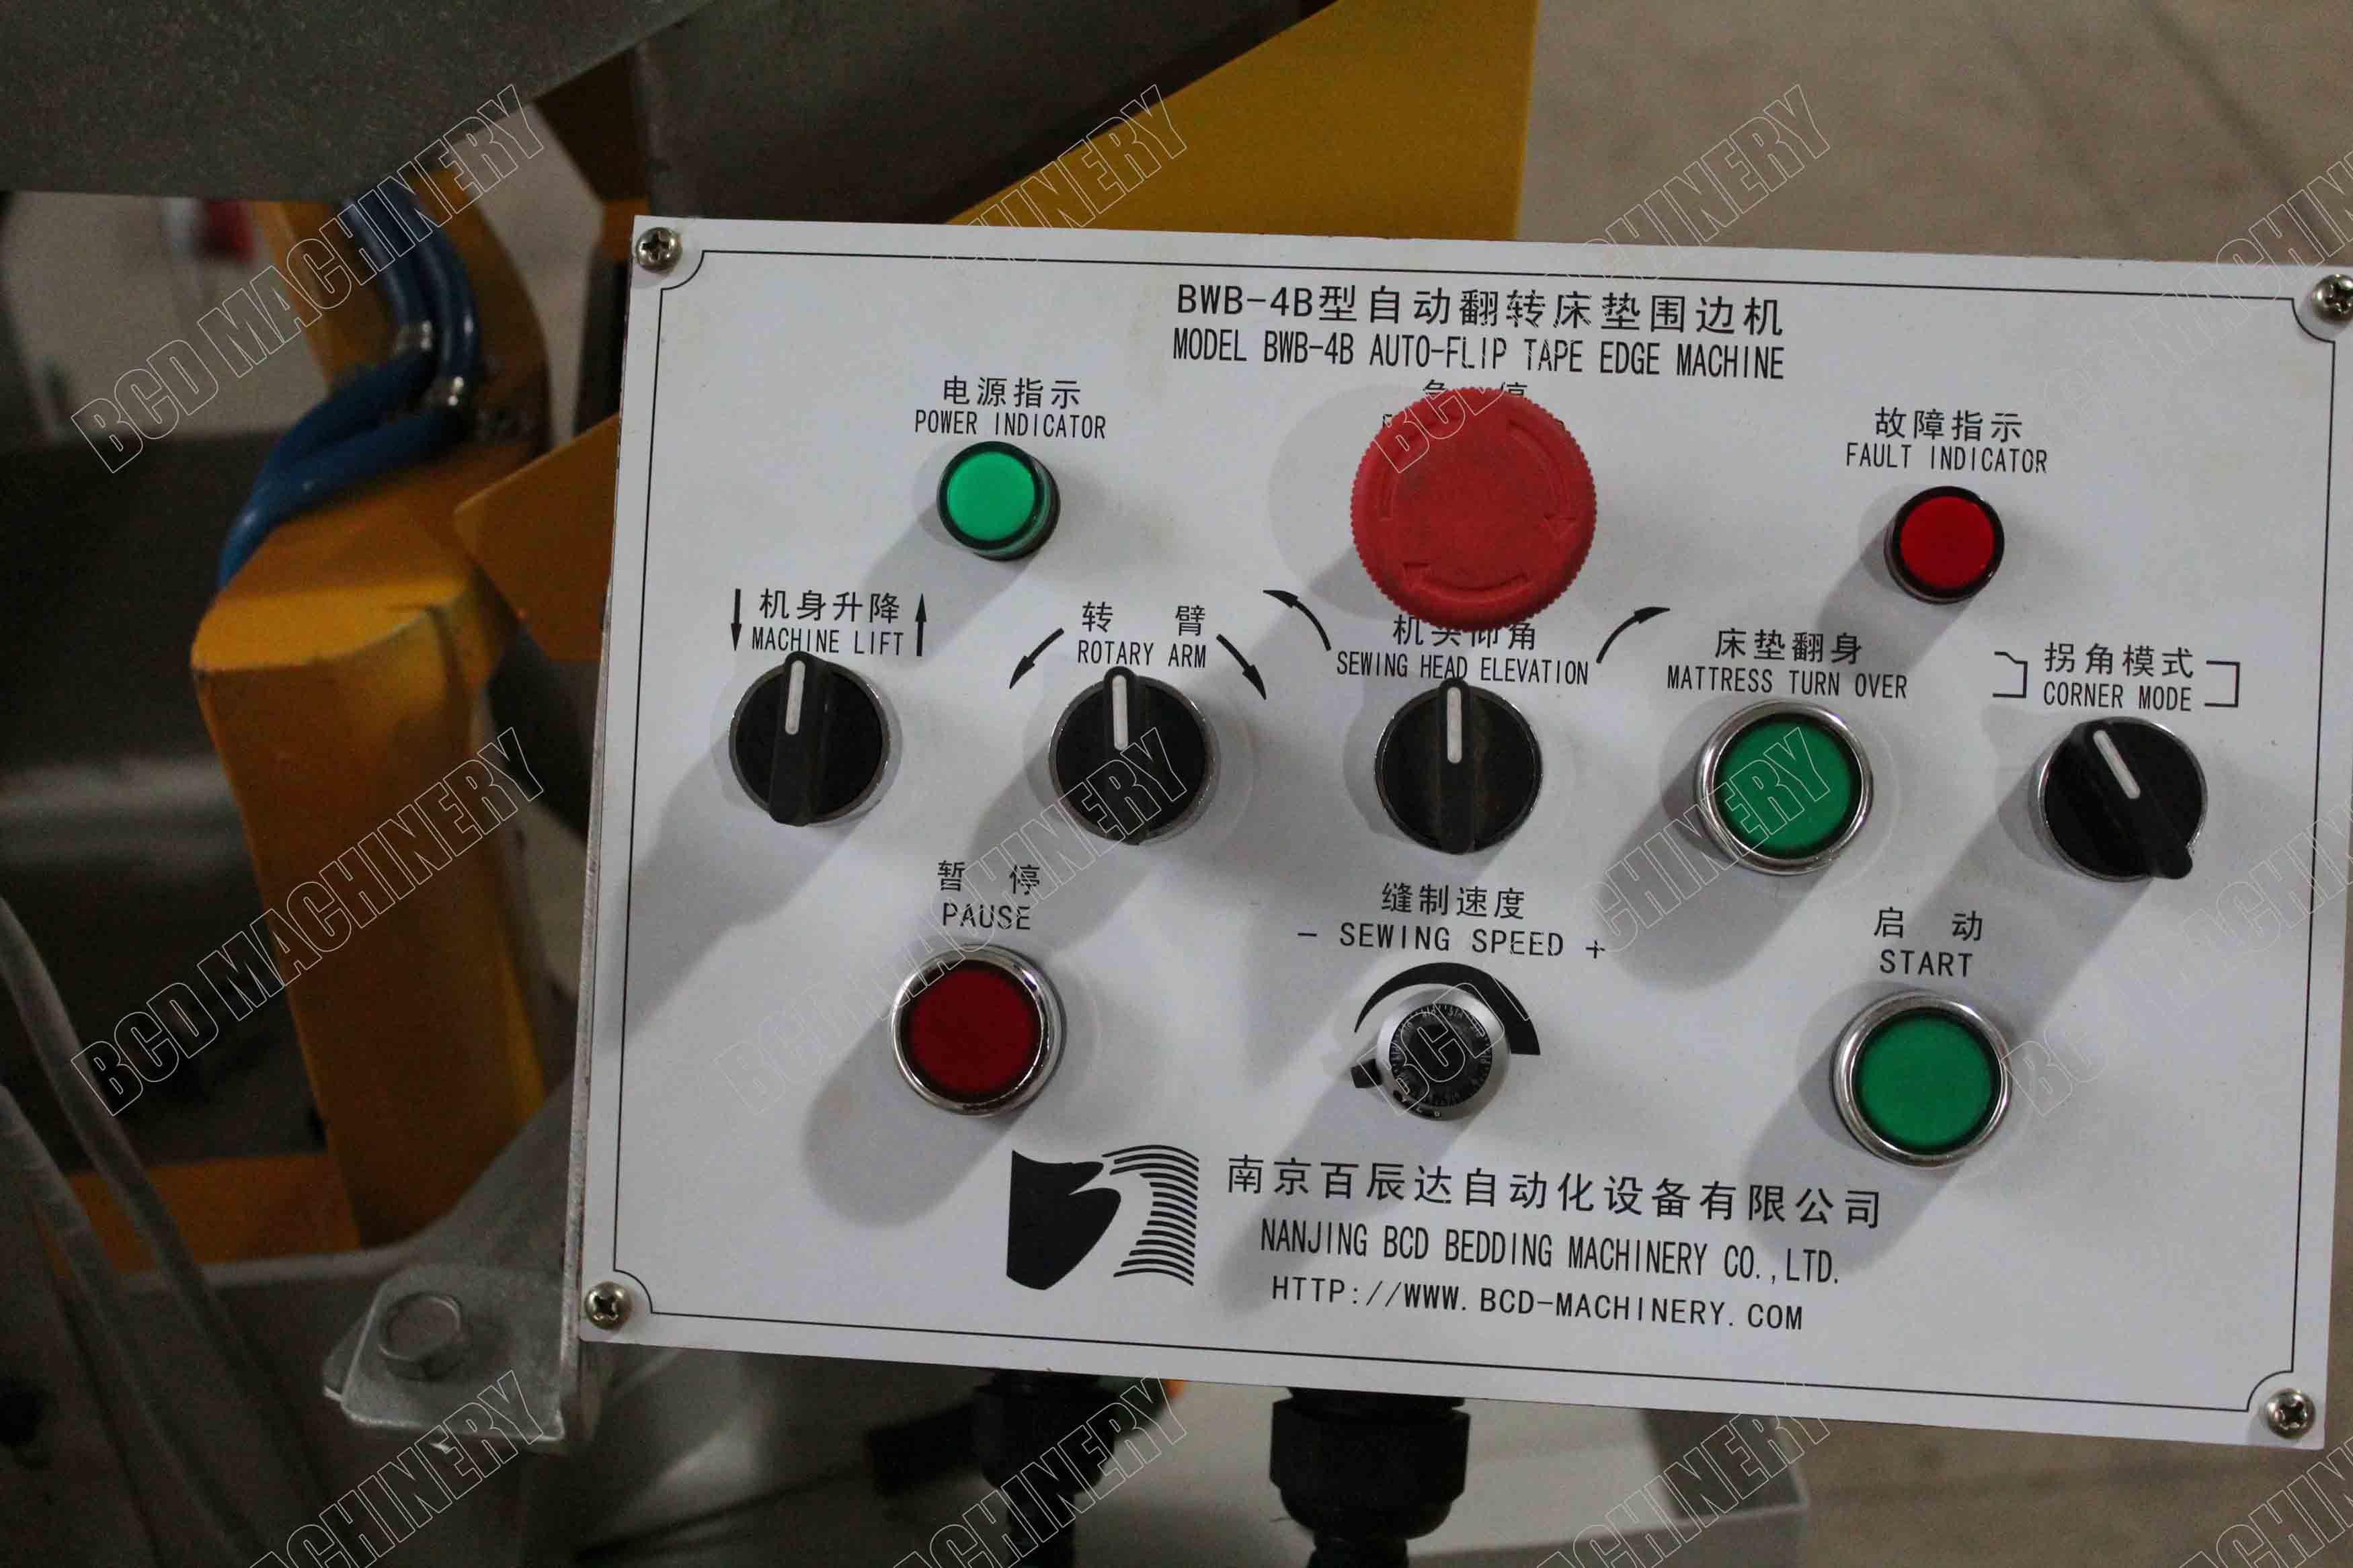 Mattress Tape Edge Machine (BWB-4B Auto-Flip, 300U Chain Stitch)